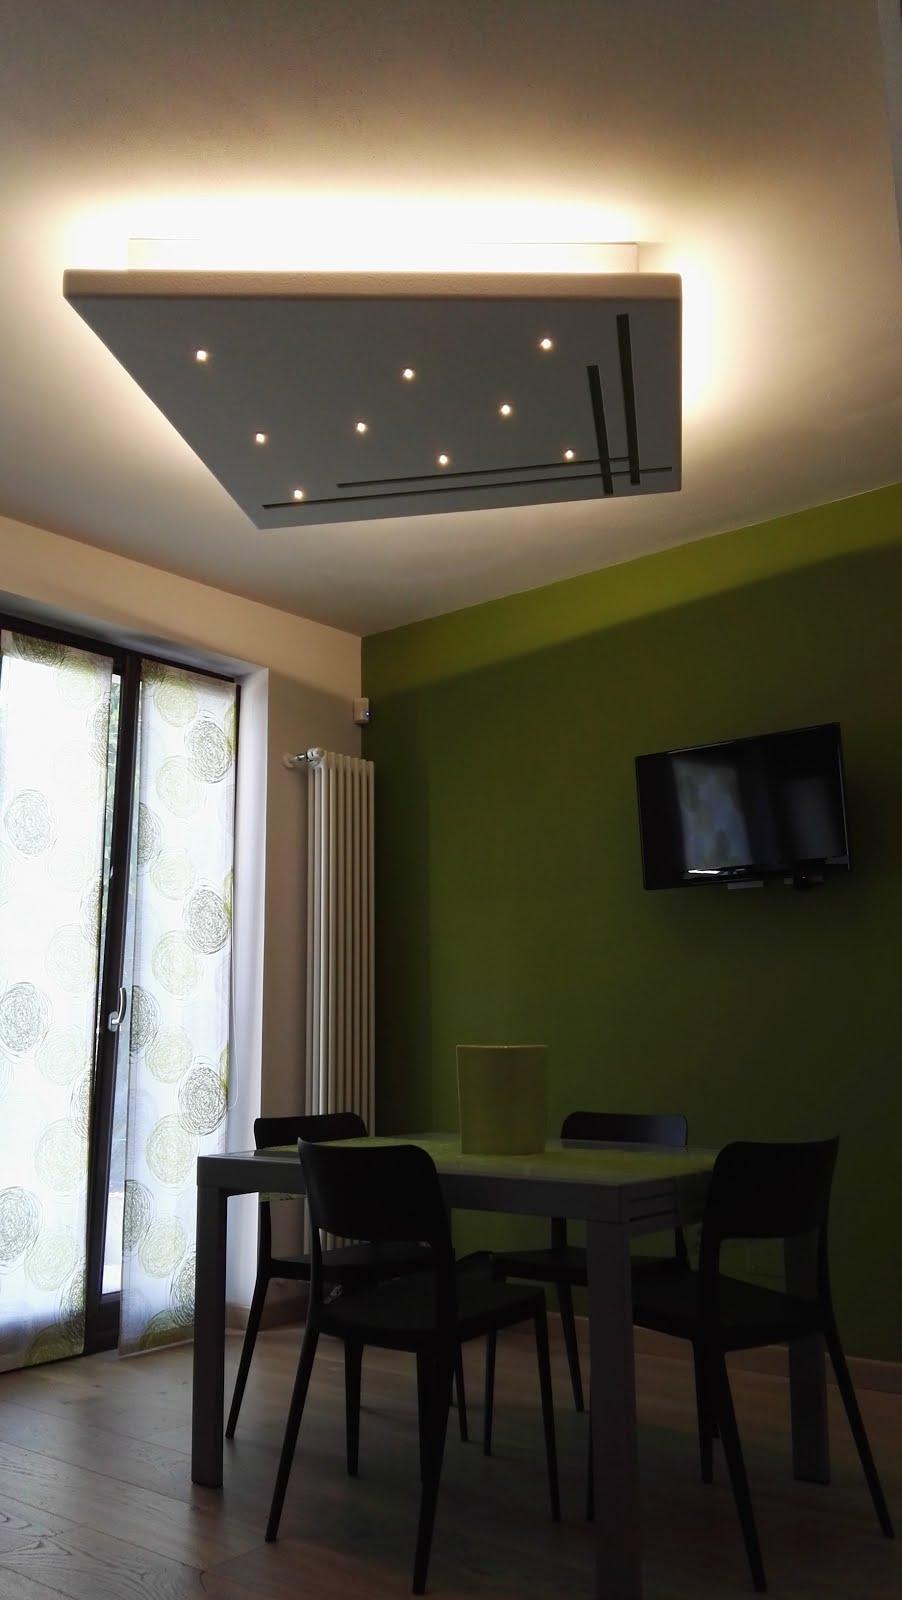 Illuminazione led casa lampadari a led di design forme di - Lampadari a led per casa ...